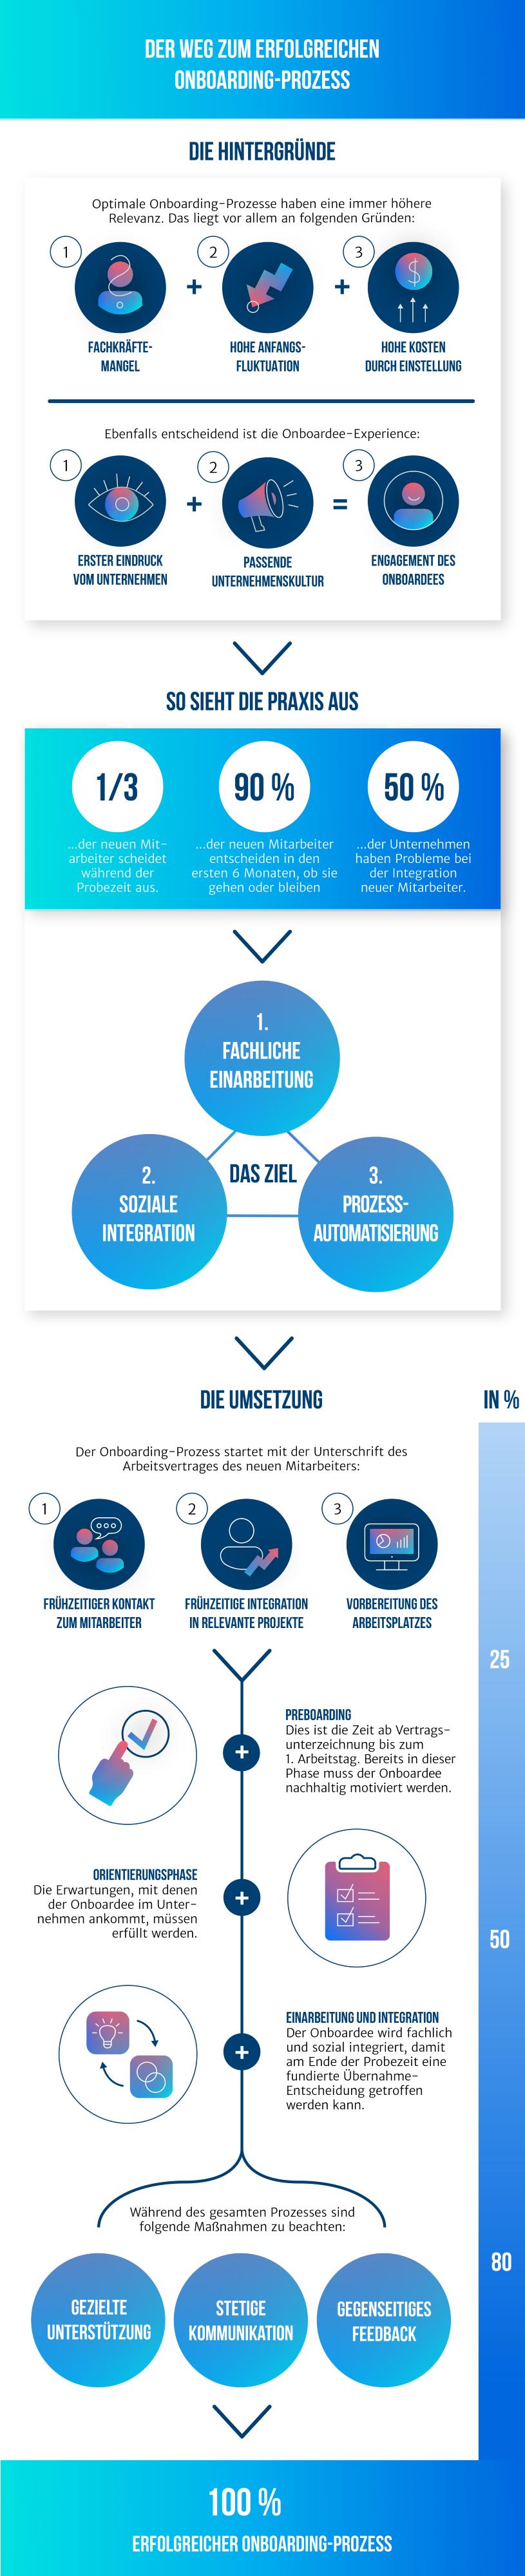 Infografik Onboarding Prozess (Bild: Haufe Onboarding)